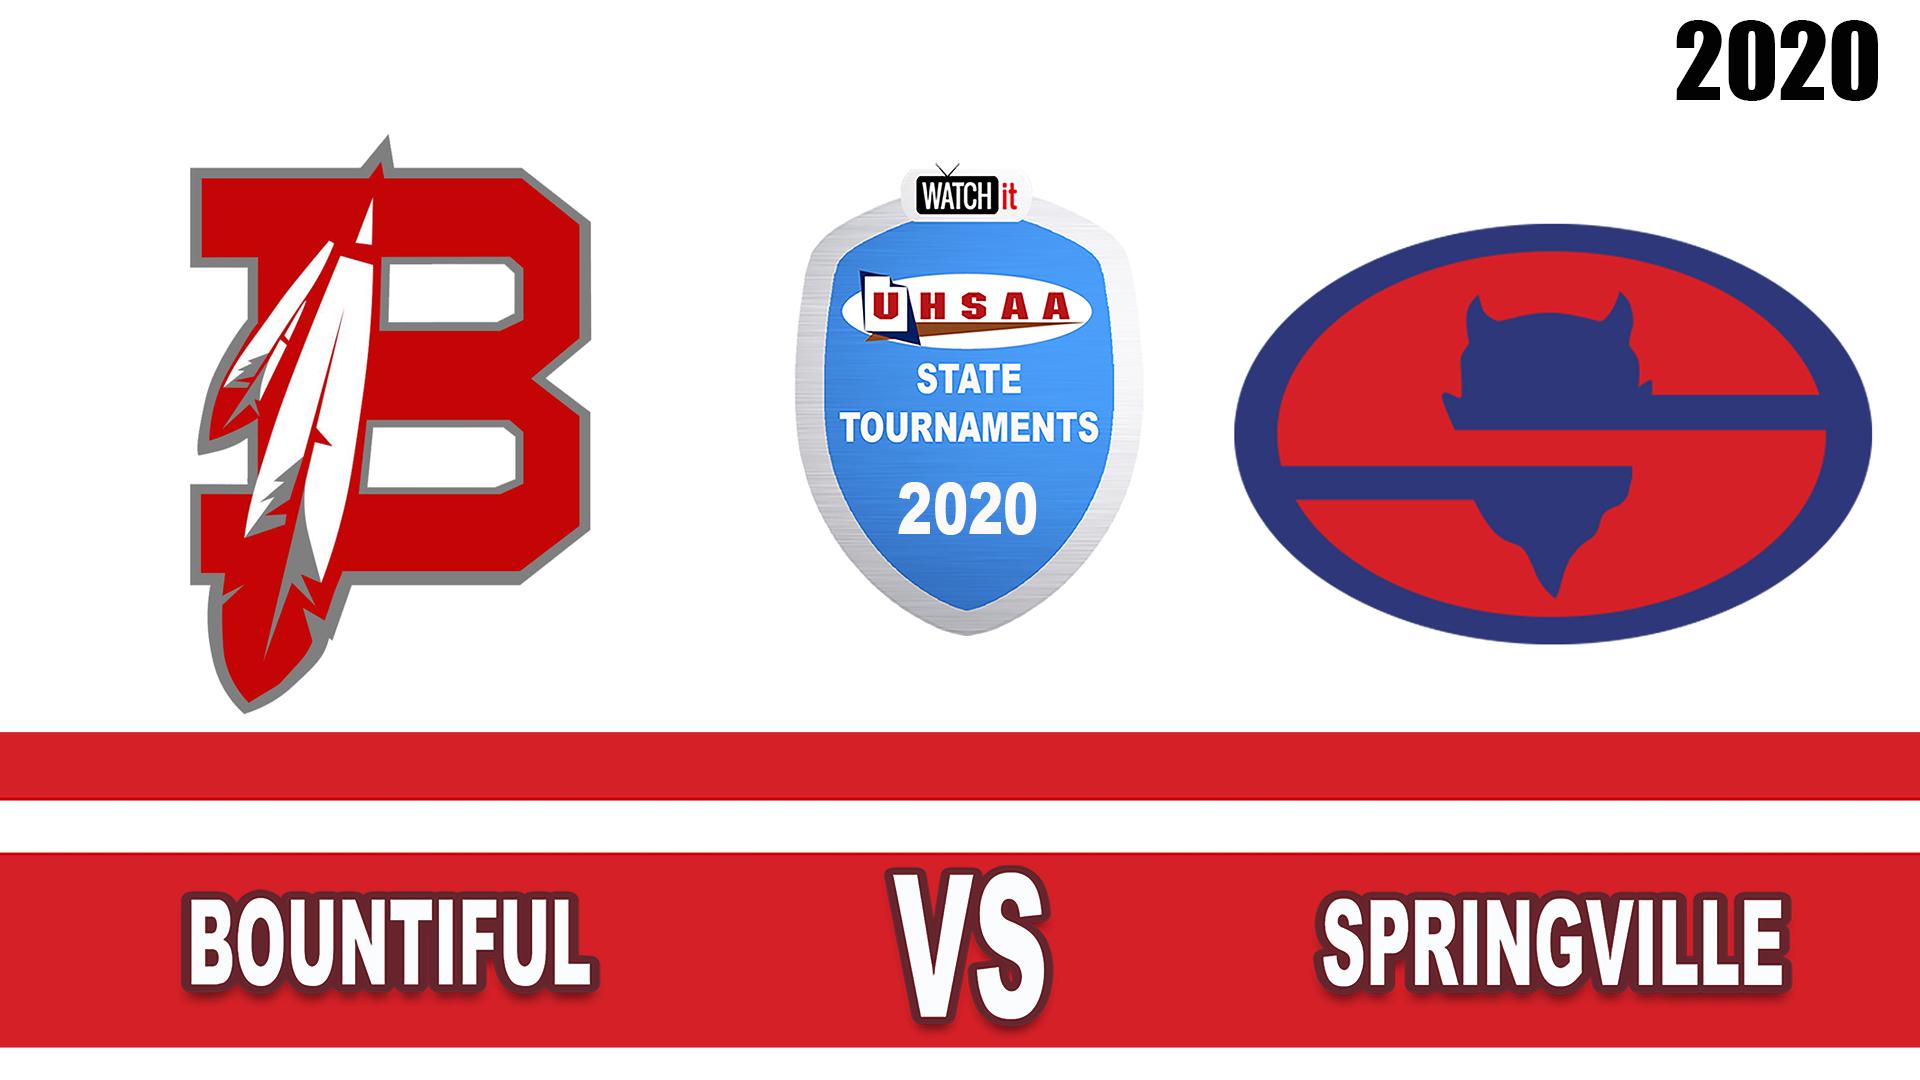 Bountiful vs Springville